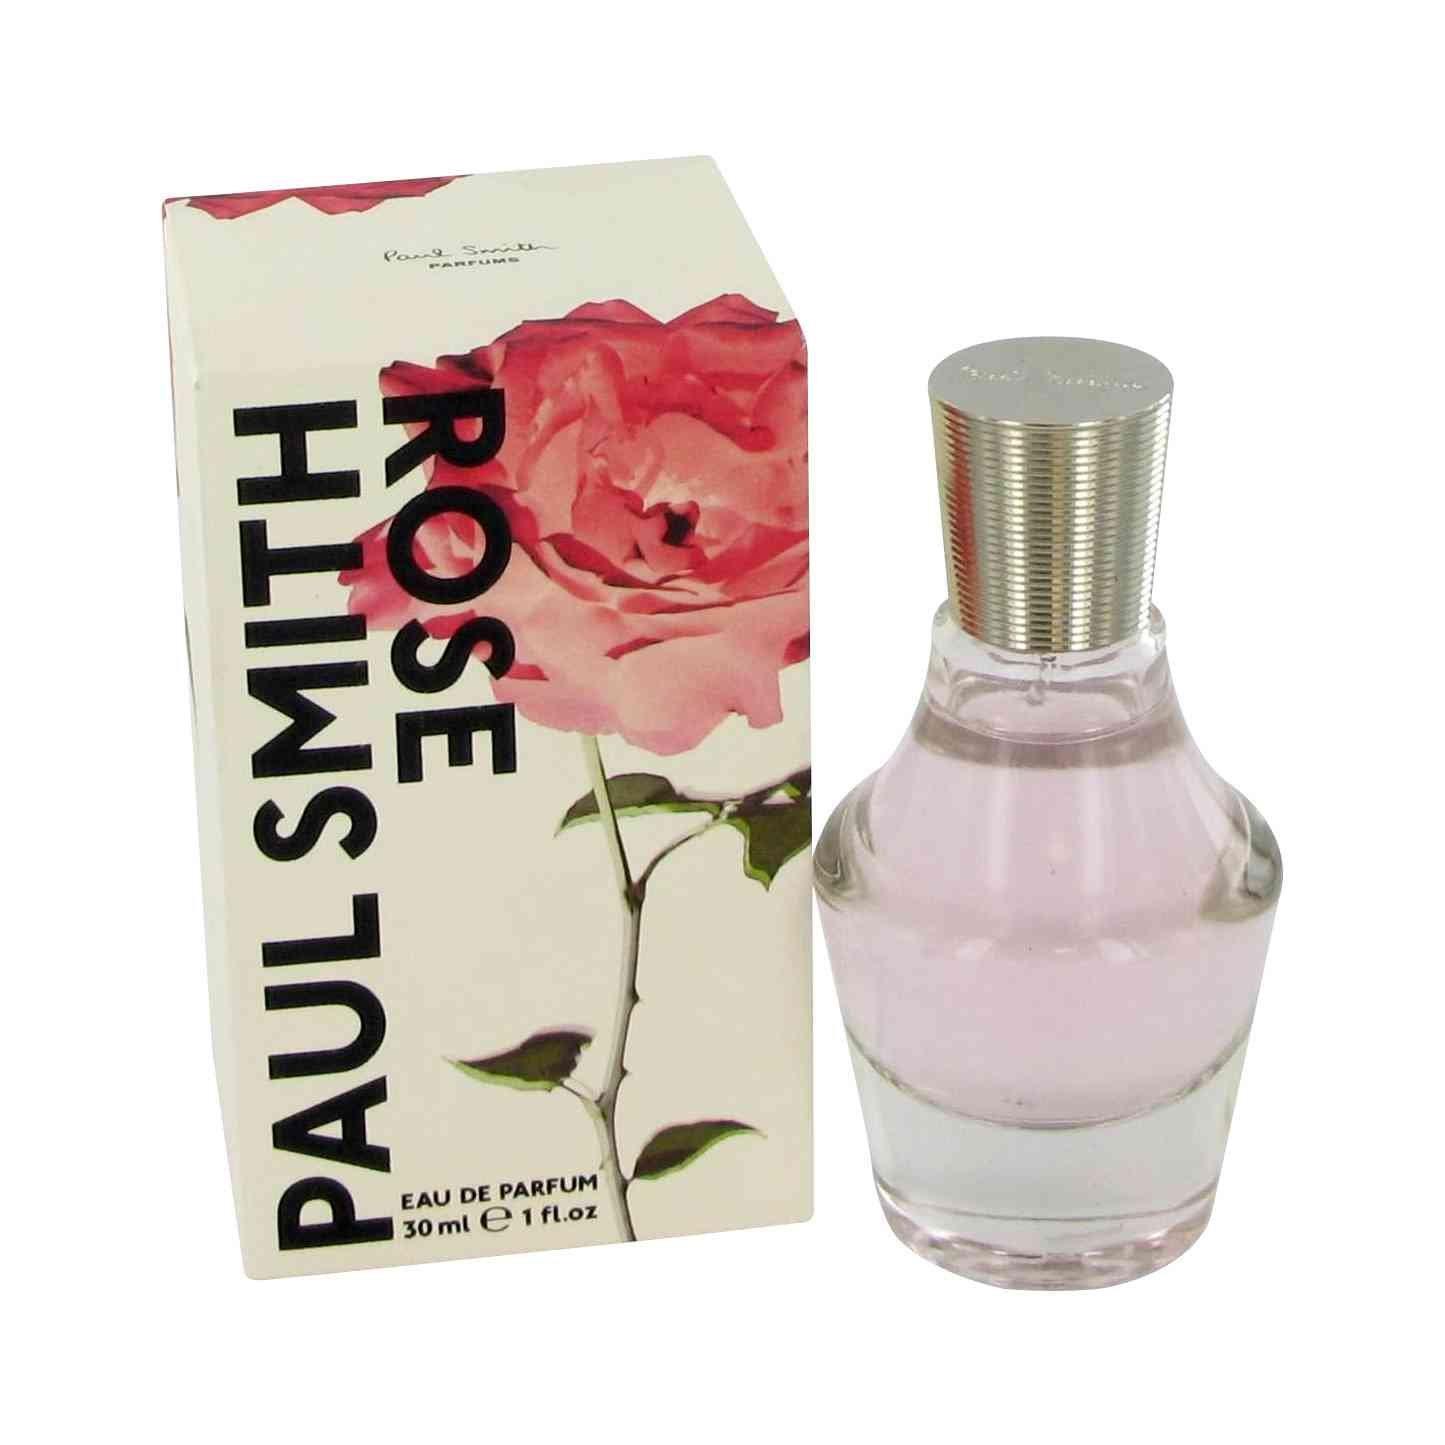 Paul smith rose eau de parfum for women 100 ml amazon beauty mightylinksfo